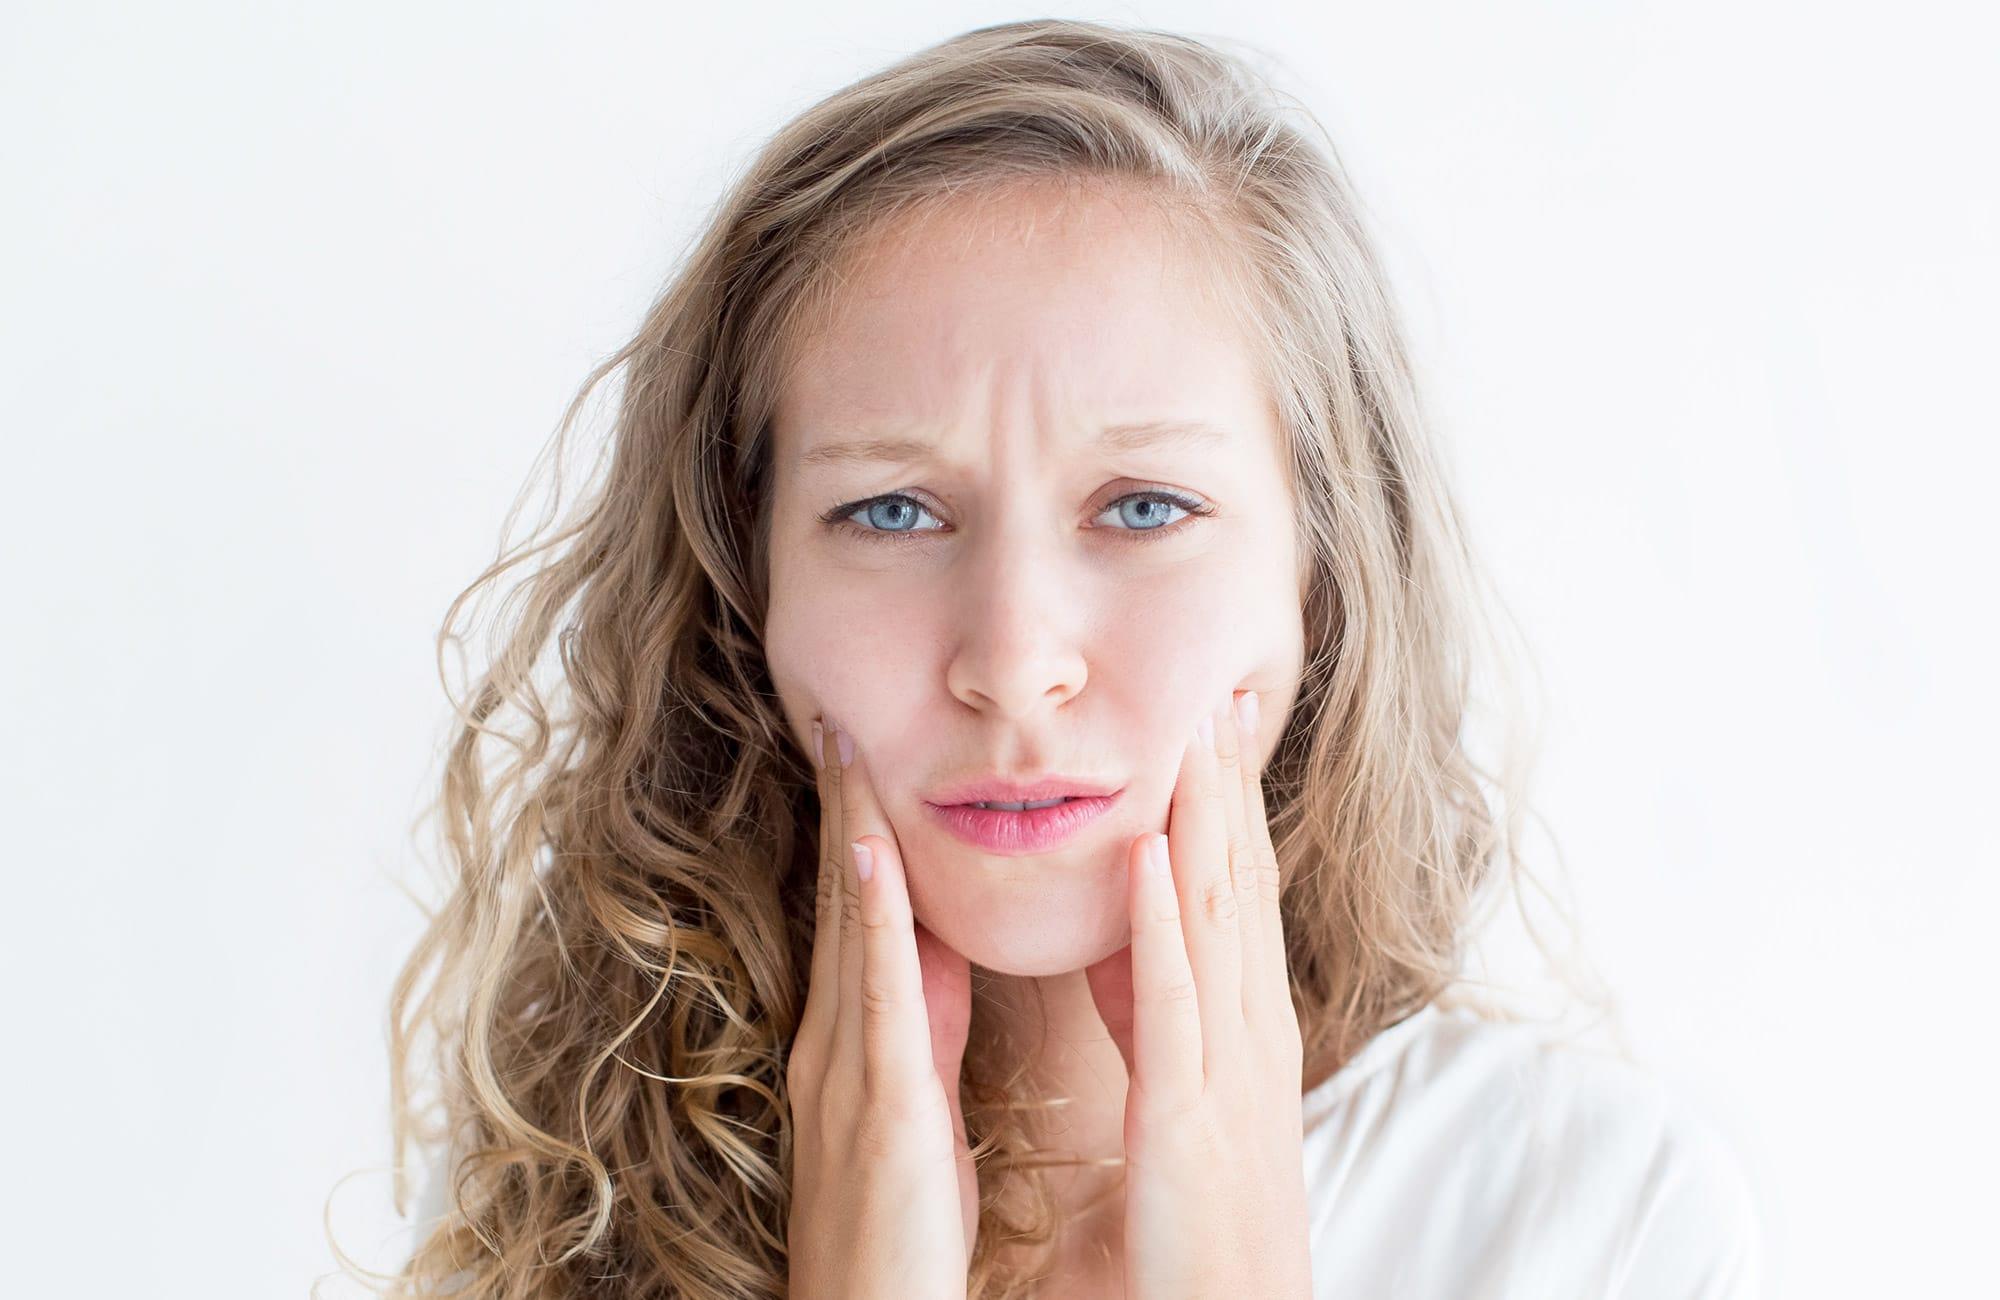 Sausa ar drėgmę praradusi oda? Ar yra skirtumas? | Smart Nature